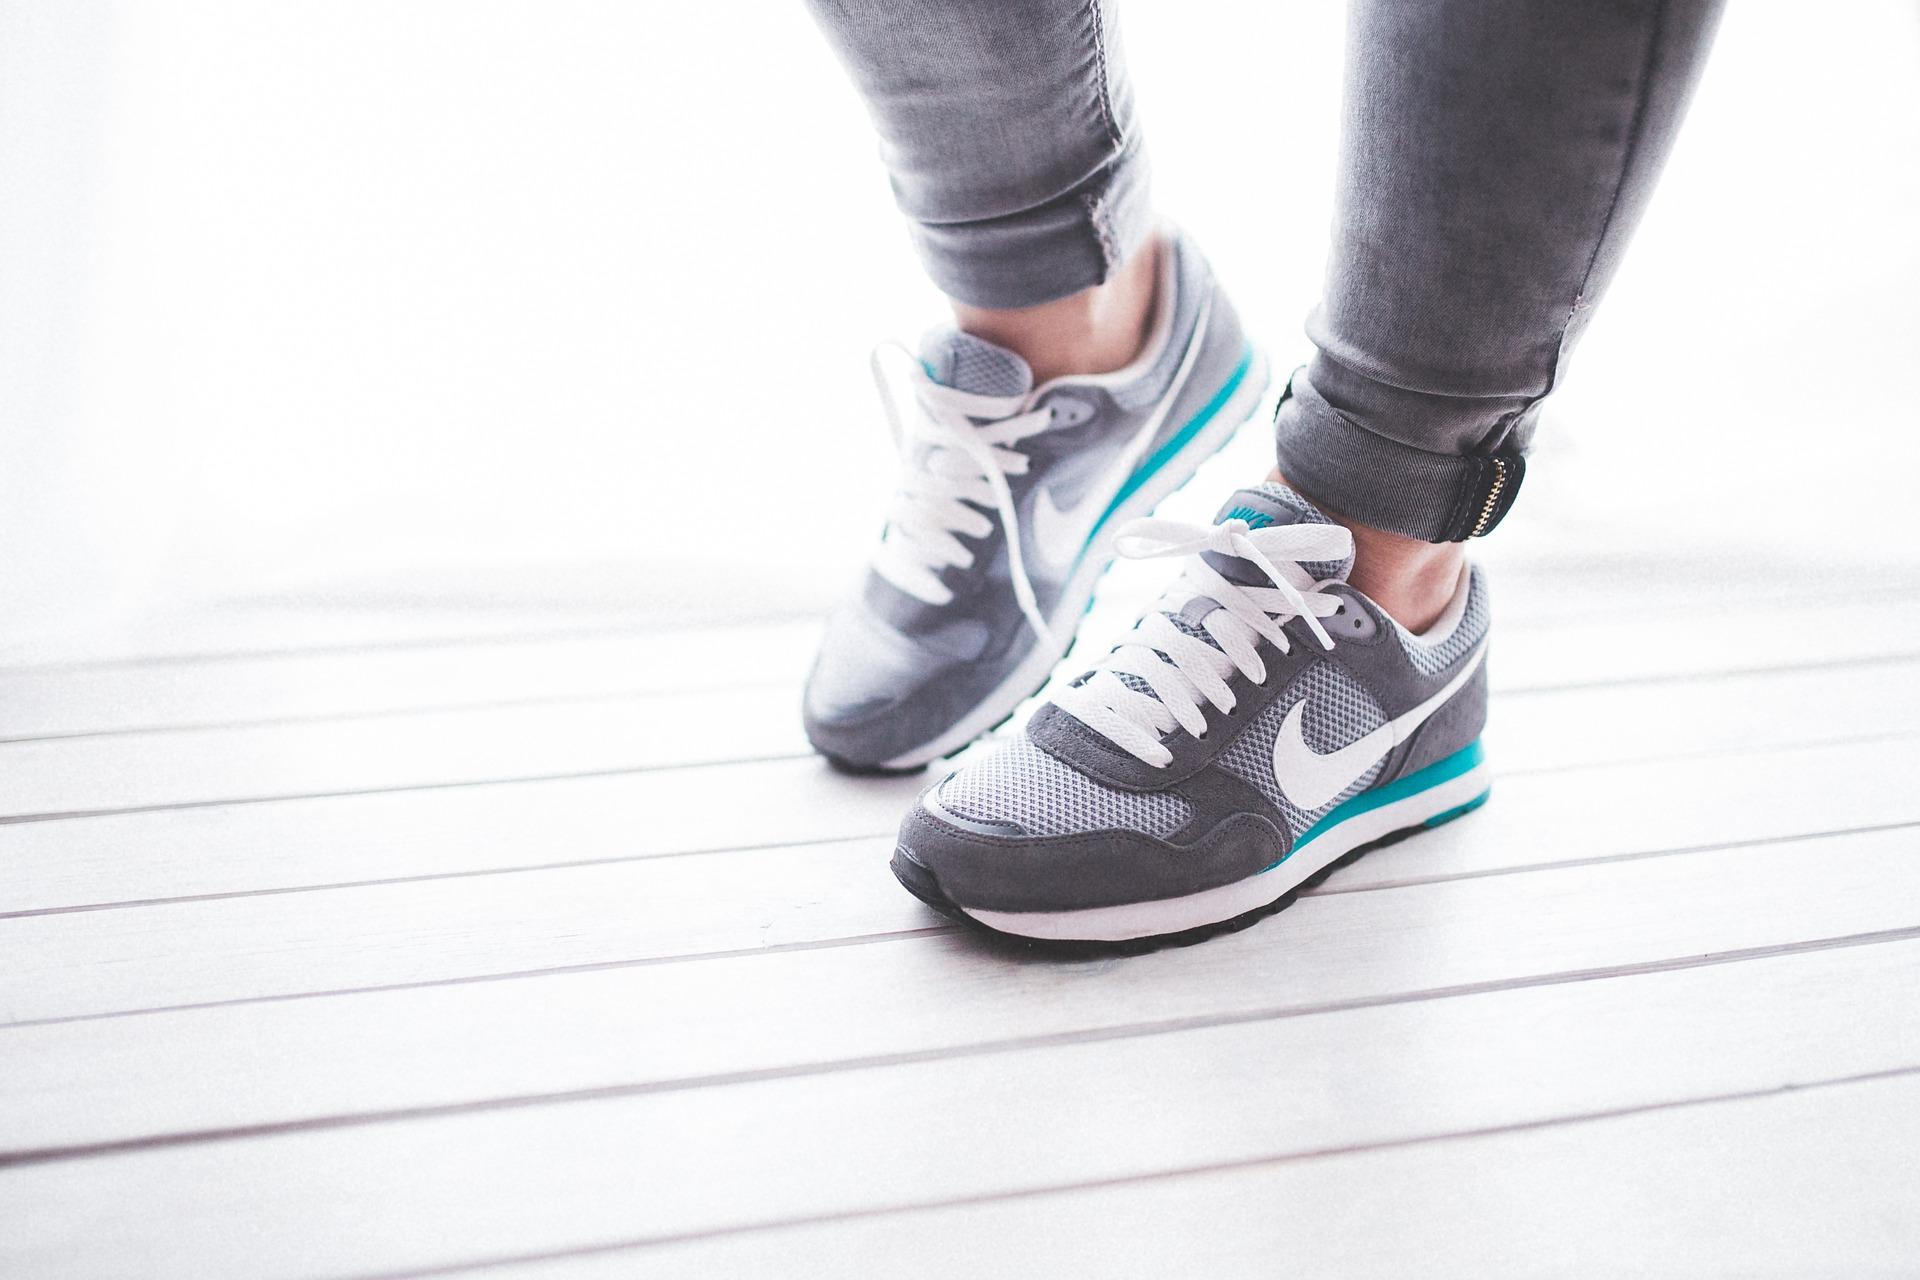 Shoes|Faithful Finish Lines